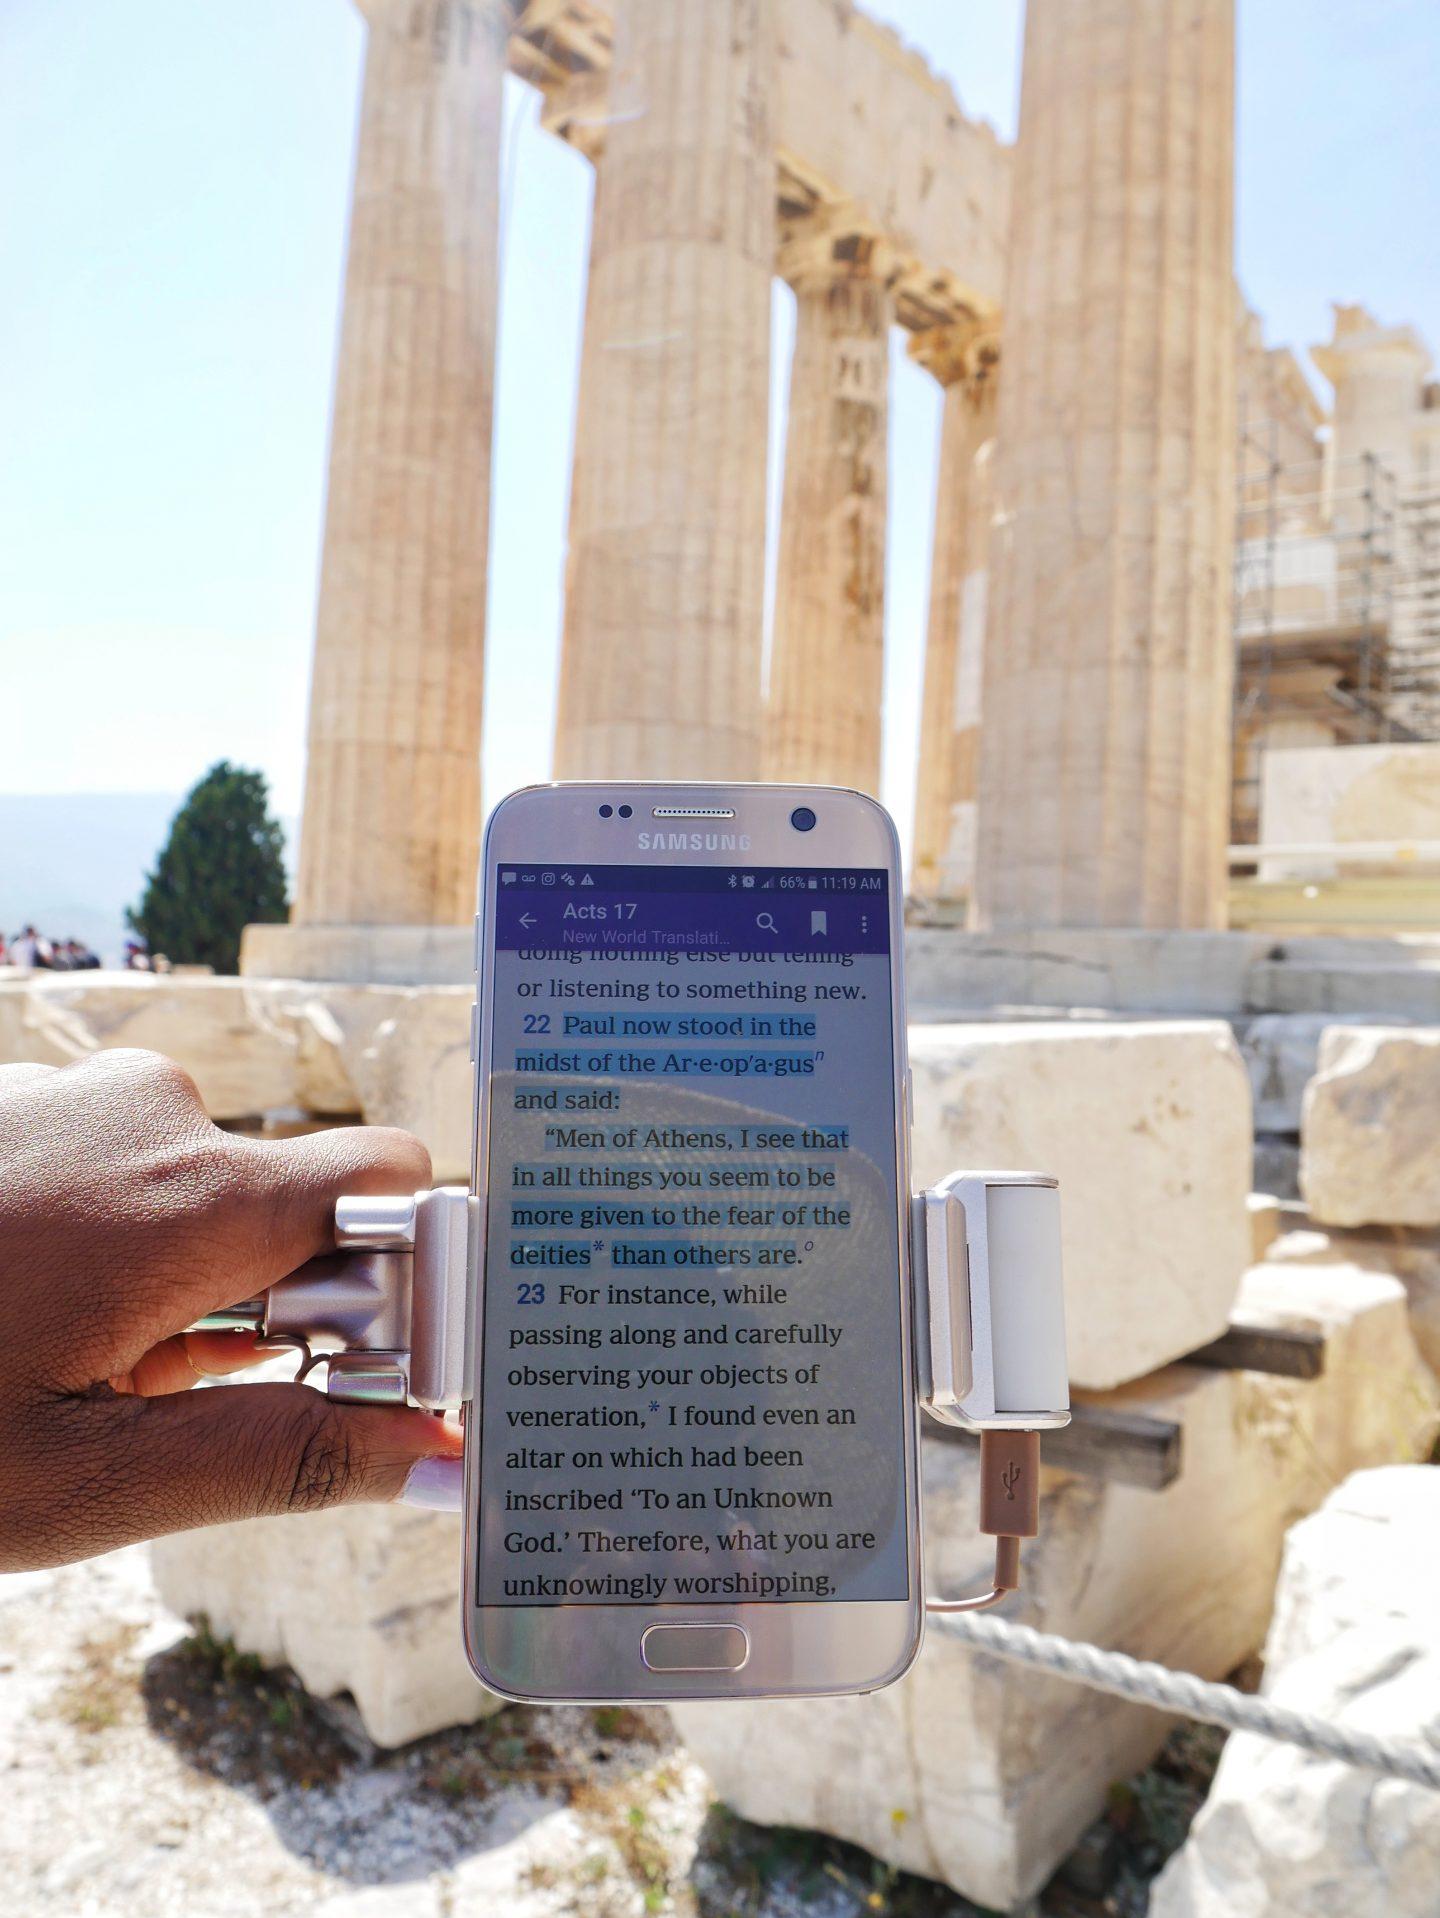 acropolis athens greece Parthenon